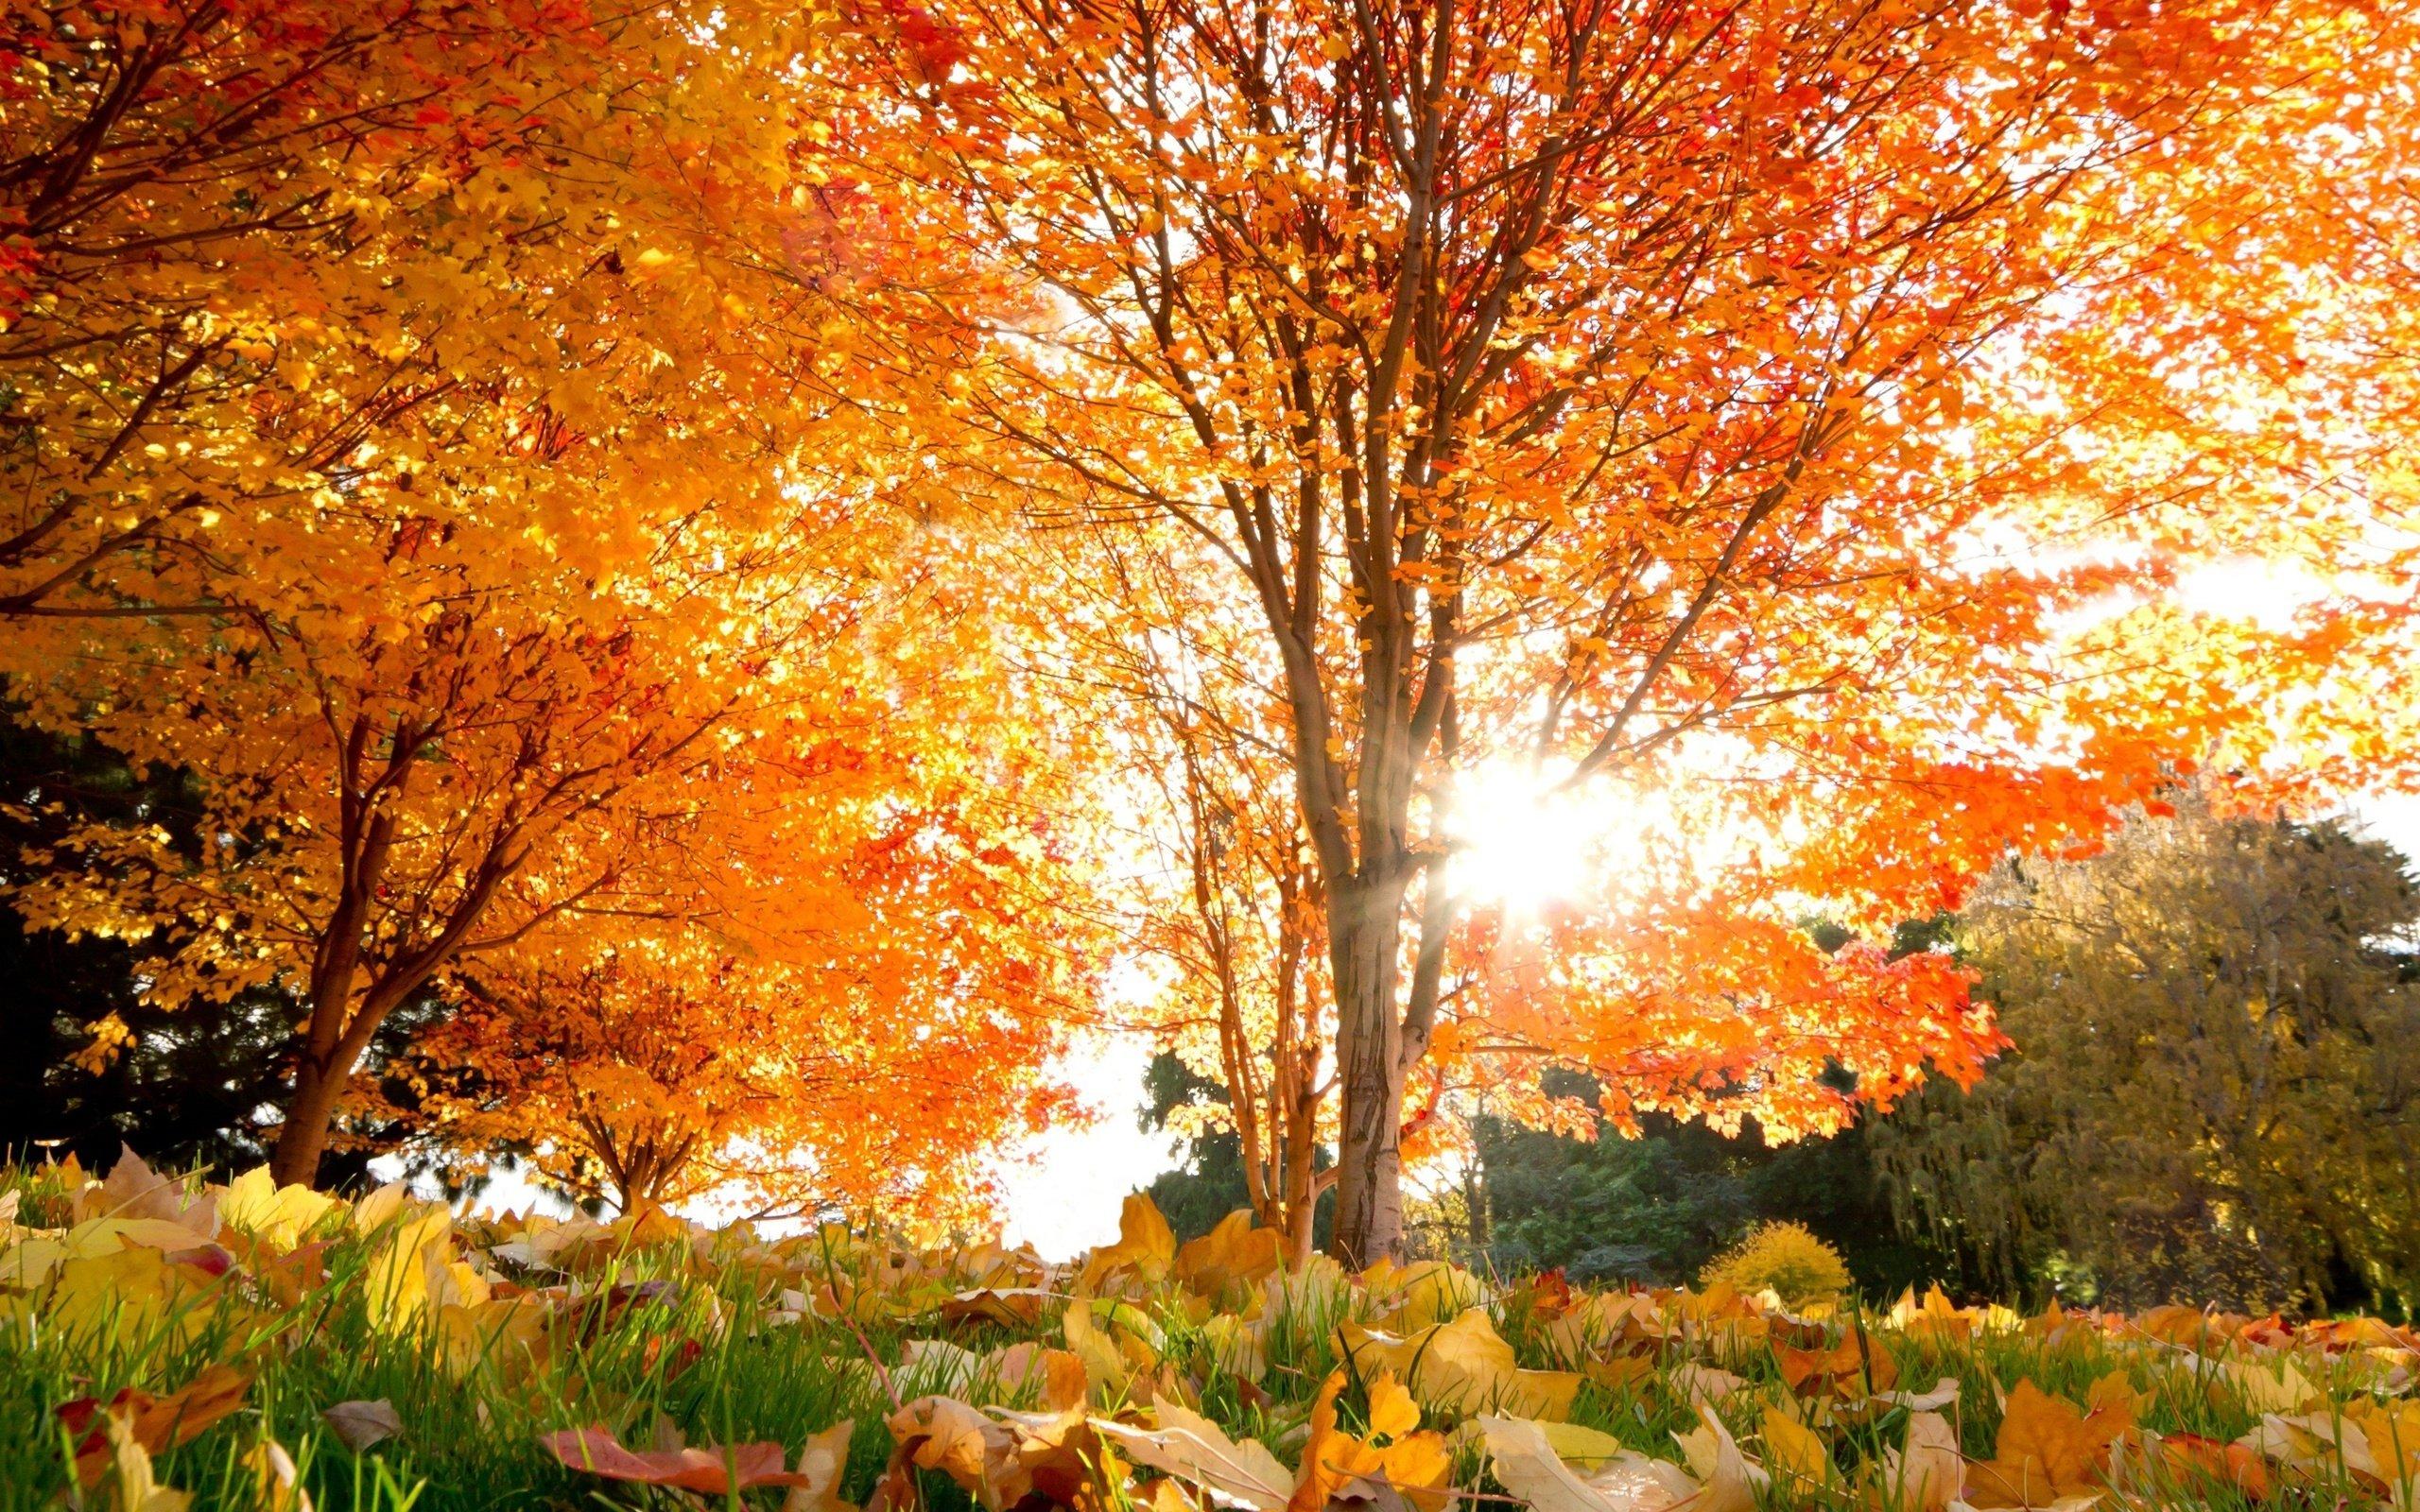 очень красивые картинки про осень последнем фото